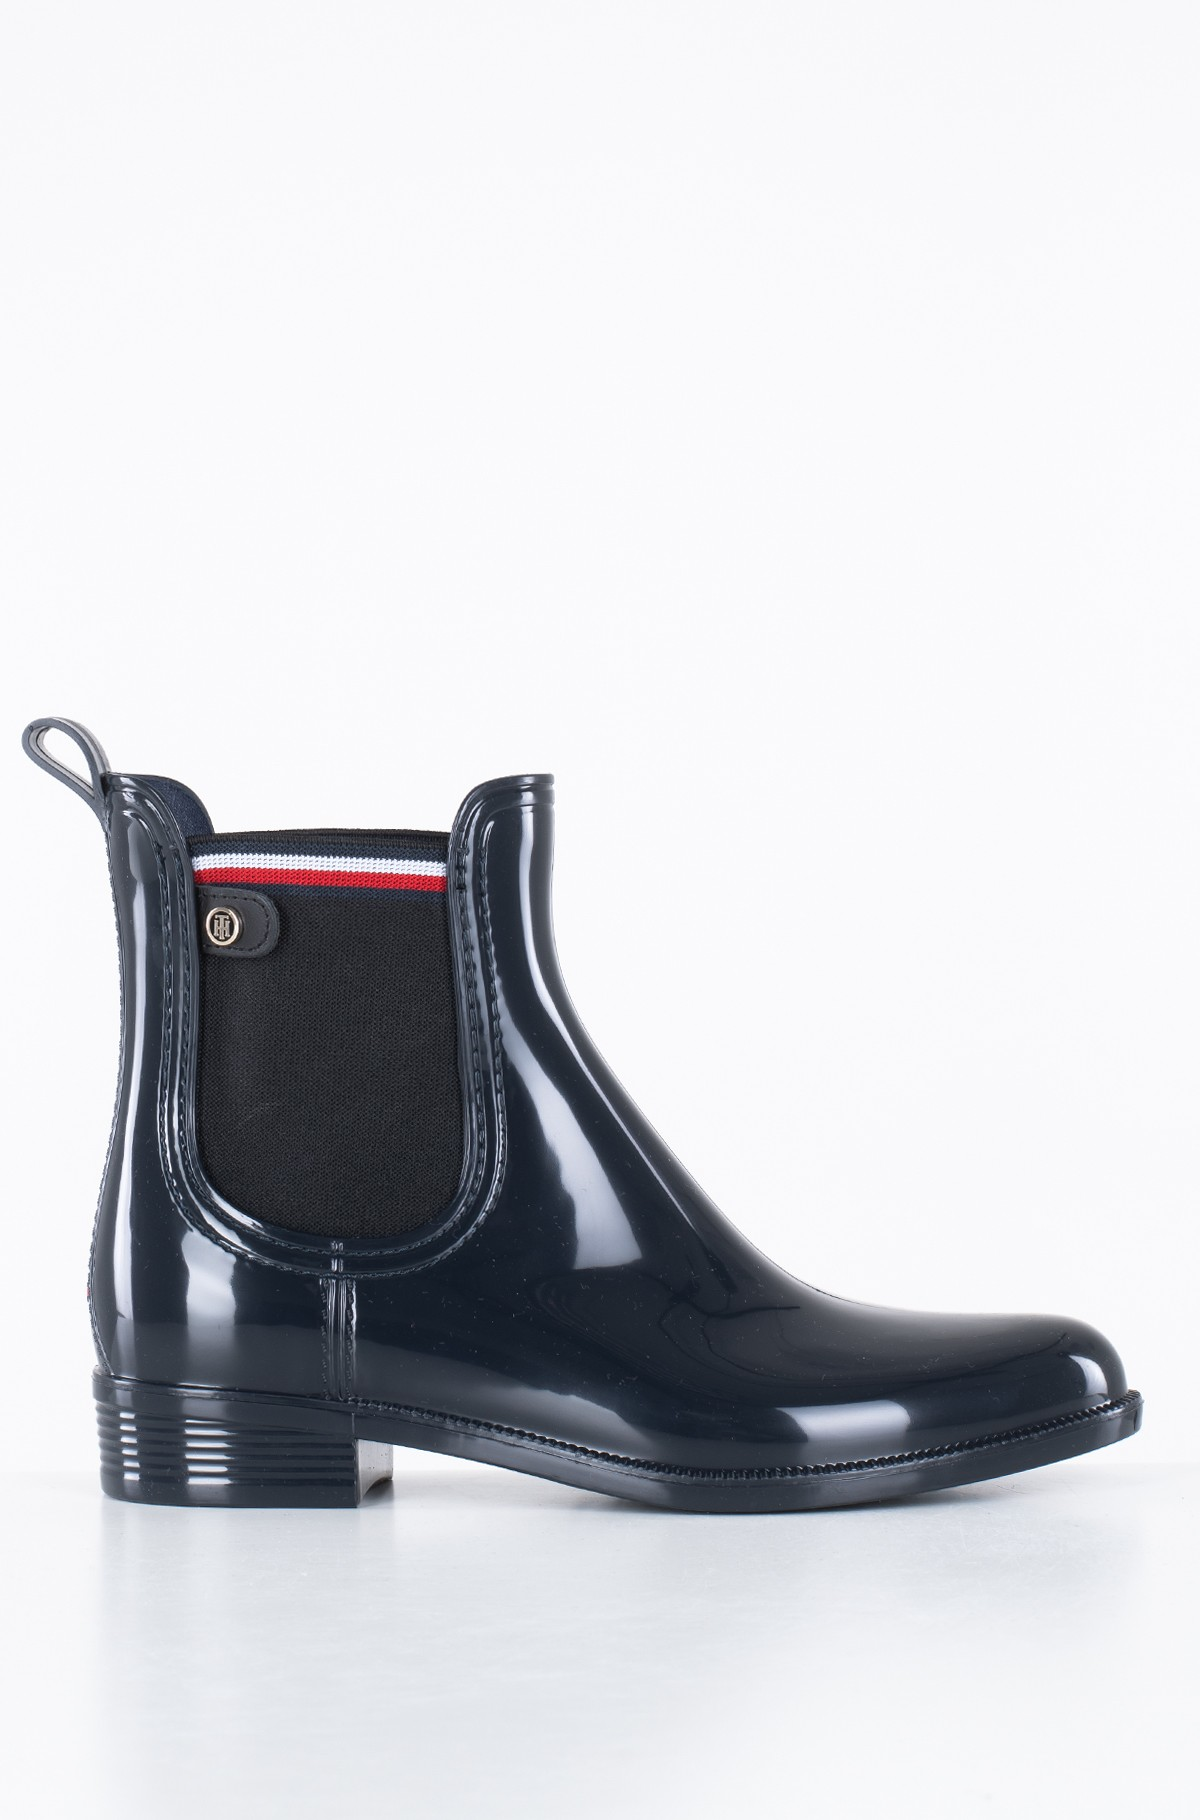 Guminiai batai COLOR BLOCK RAINBOOT-full-1